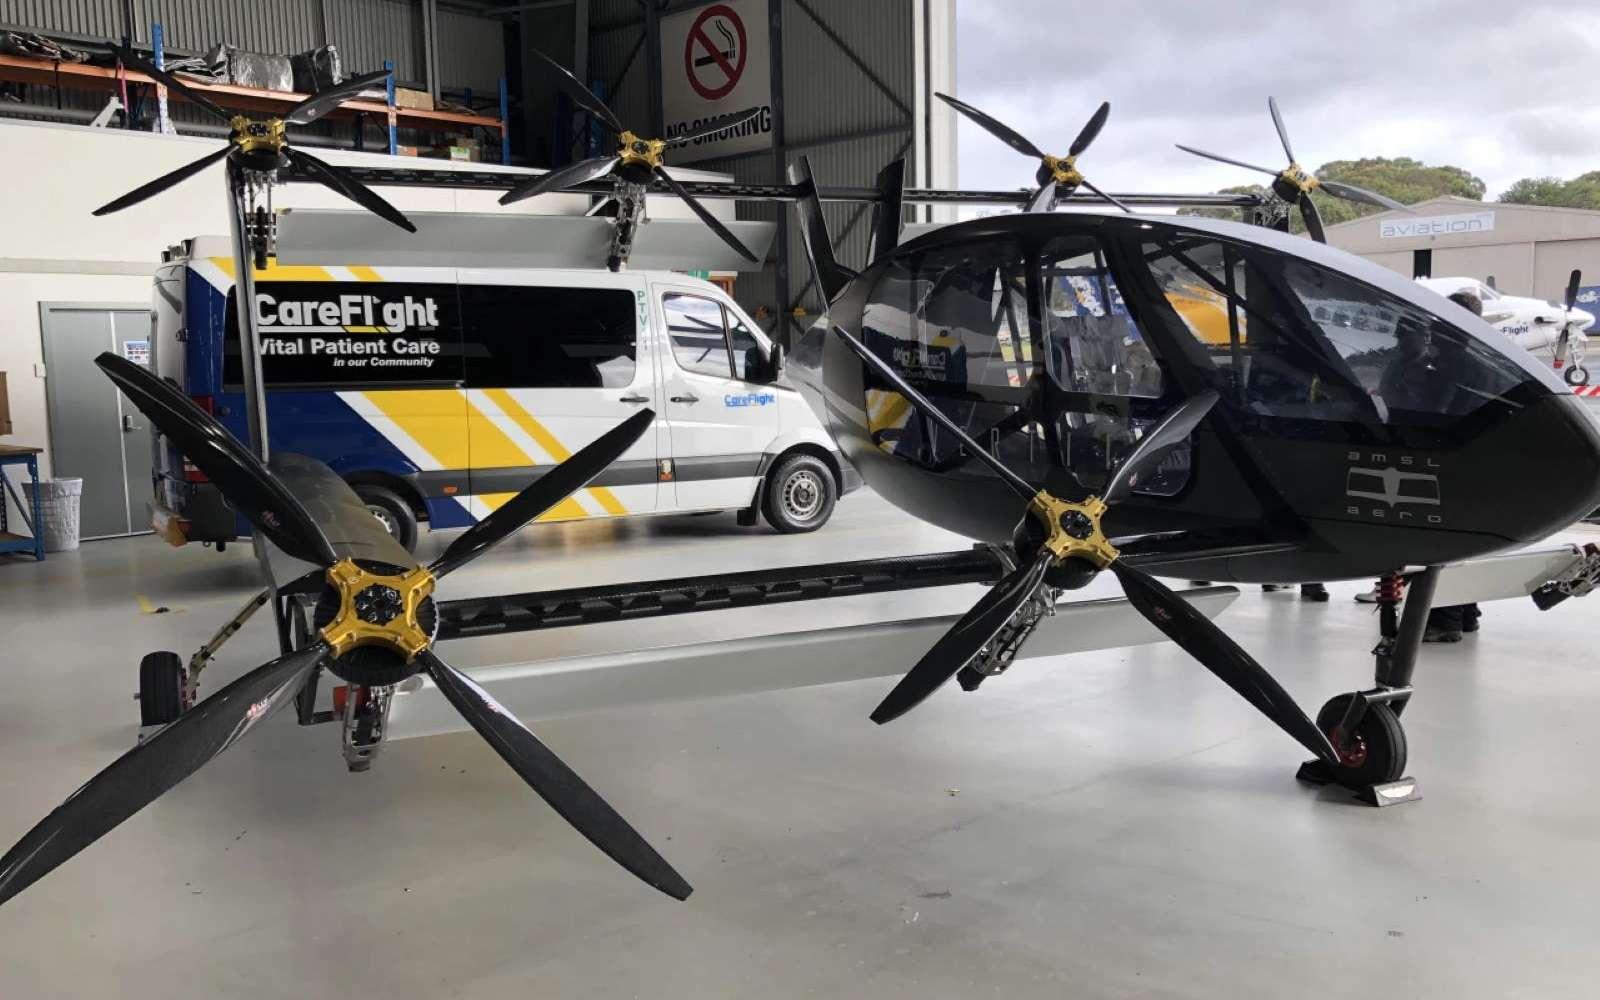 Cet avion électrique à décollage vertical peut atteindre 300 Km/h